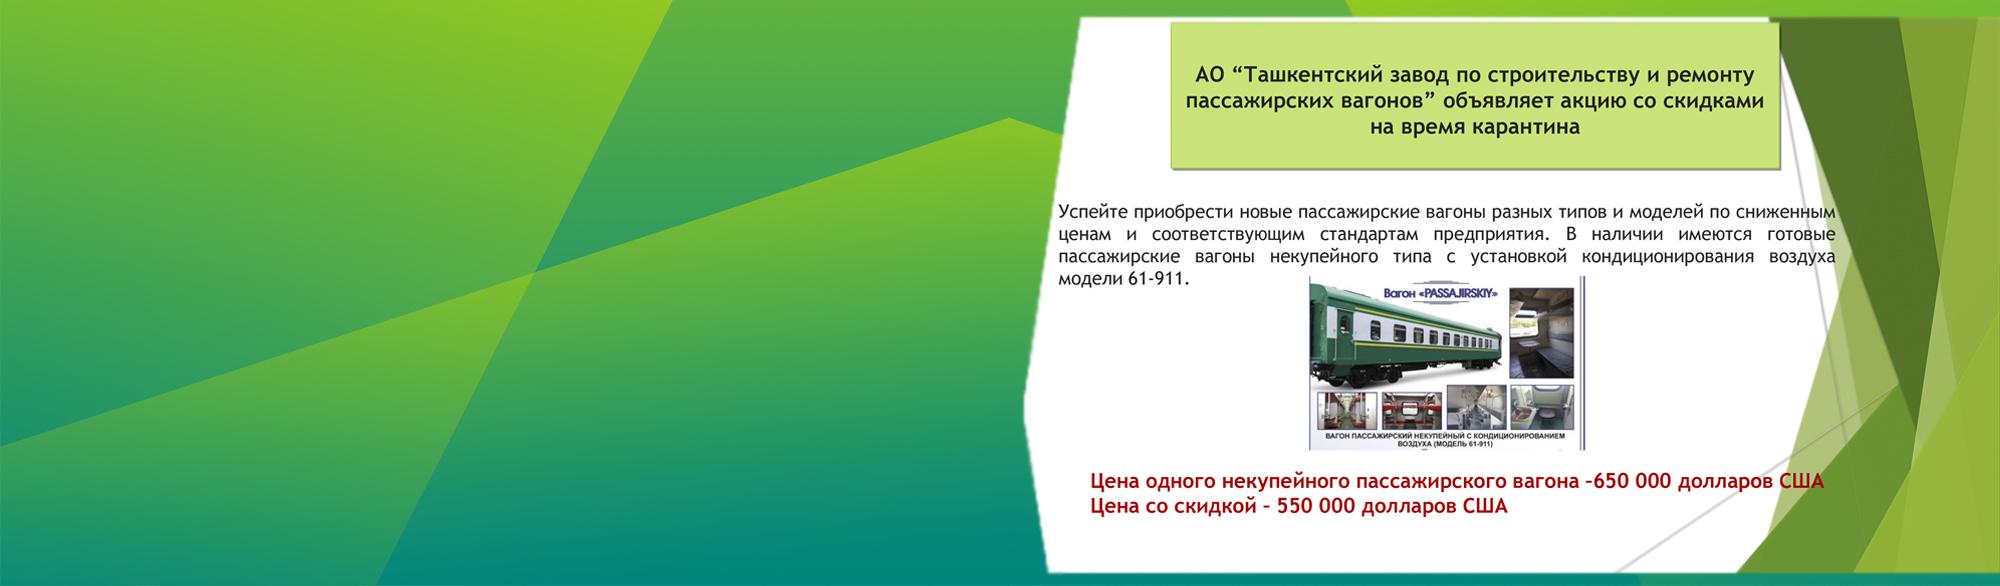 АО «Ташкентский завод по строительству и ремонту пассажирских вагонов» объявляет акцию со скидками на время карантина